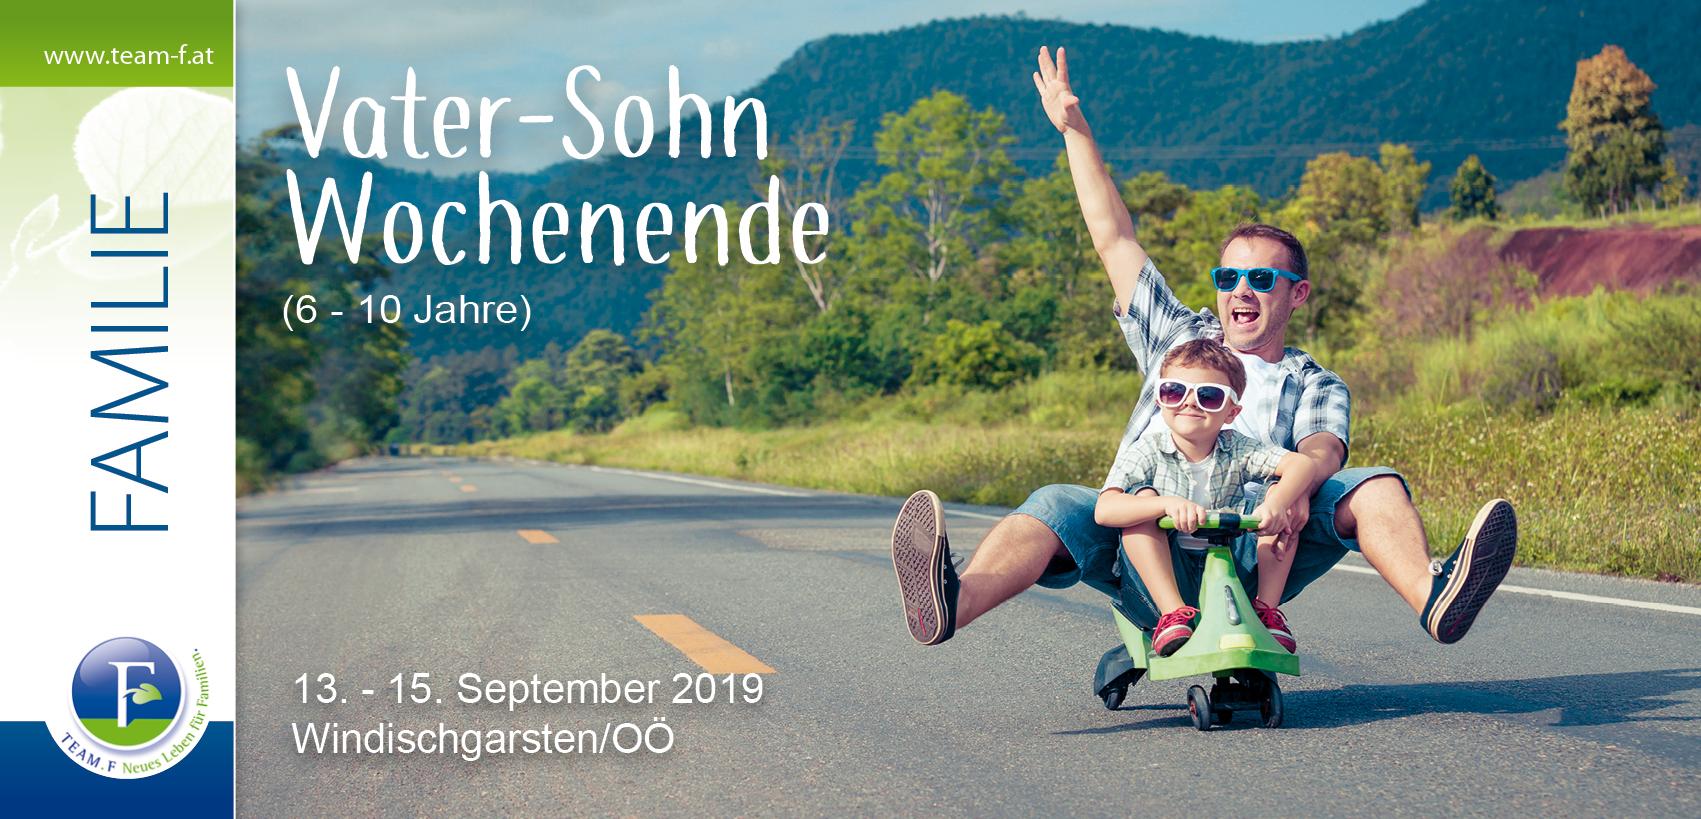 Vater-Sohn Wochenende (6-10 Jahre)